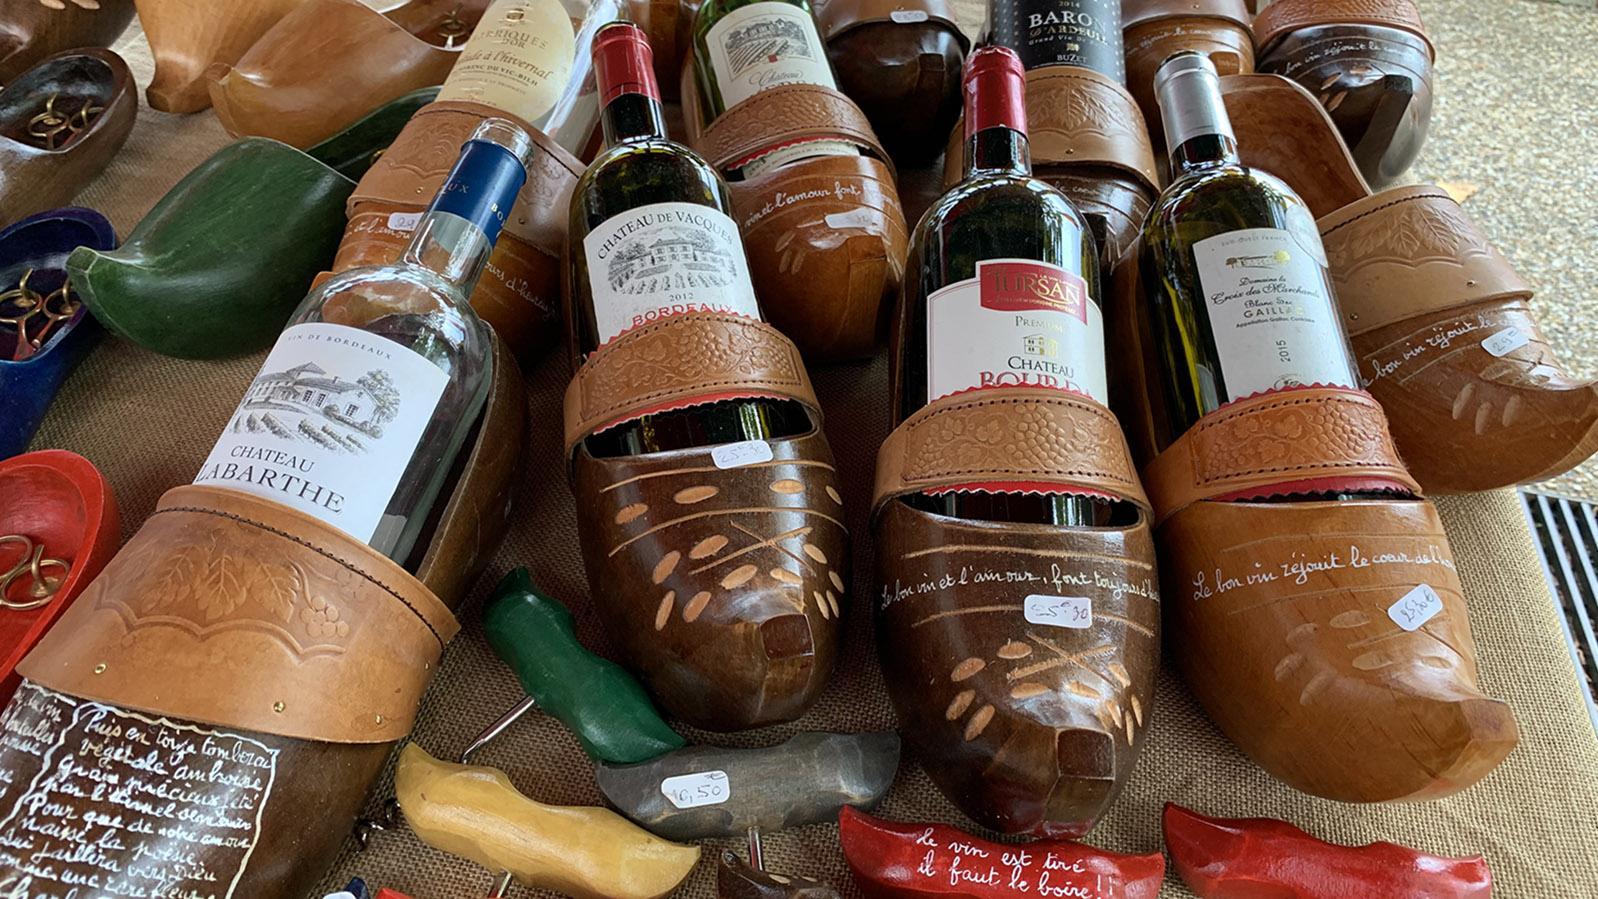 Fête du Gâteau Basque: Sabots, Holzpantinen - kreativ neu genutzt als Weinhalter. Foto: Hilke Maunder